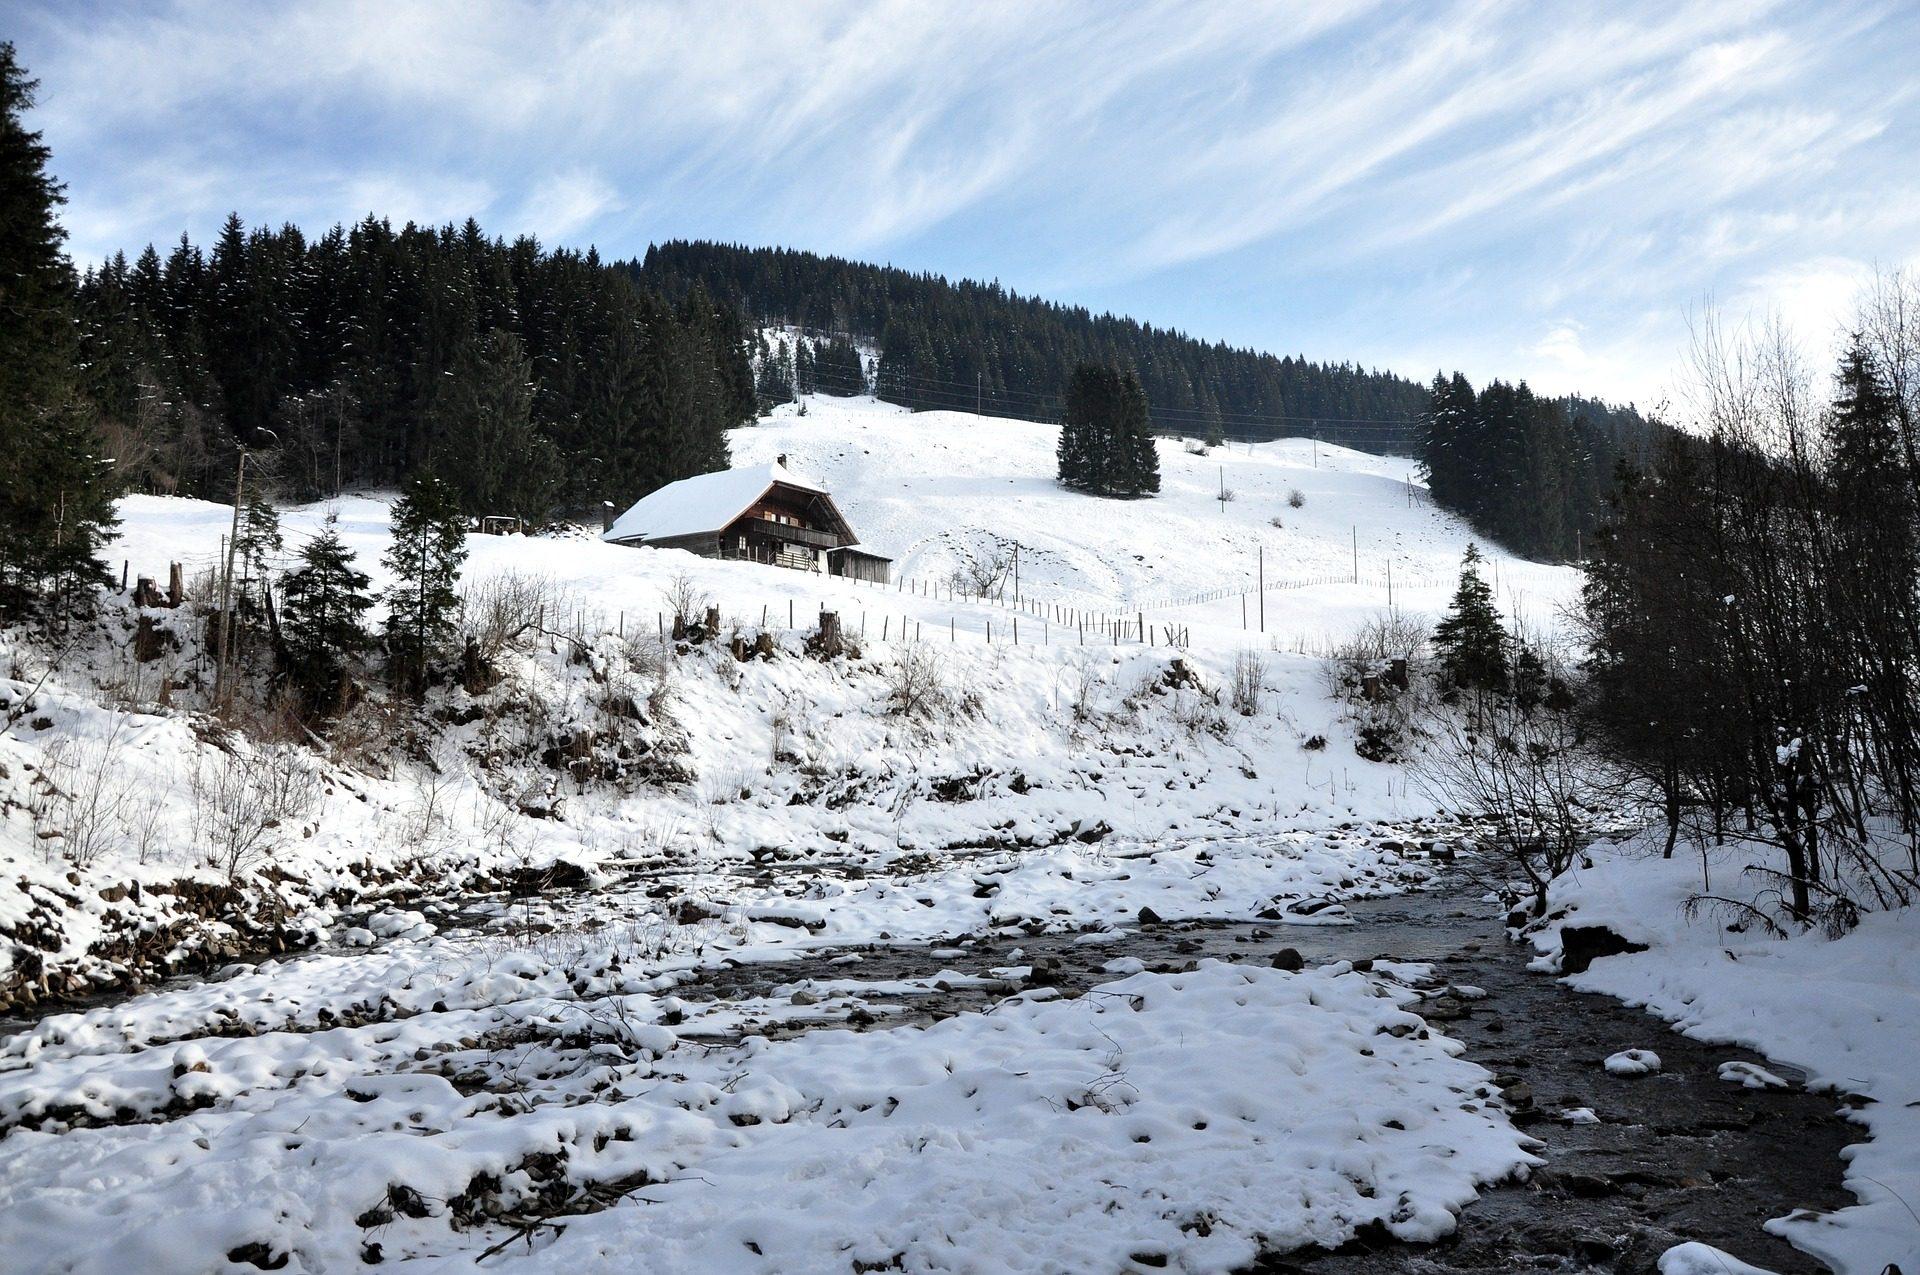 Гора, снег, Копакабана, деревья, Riachuelo - Обои HD - Профессор falken.com